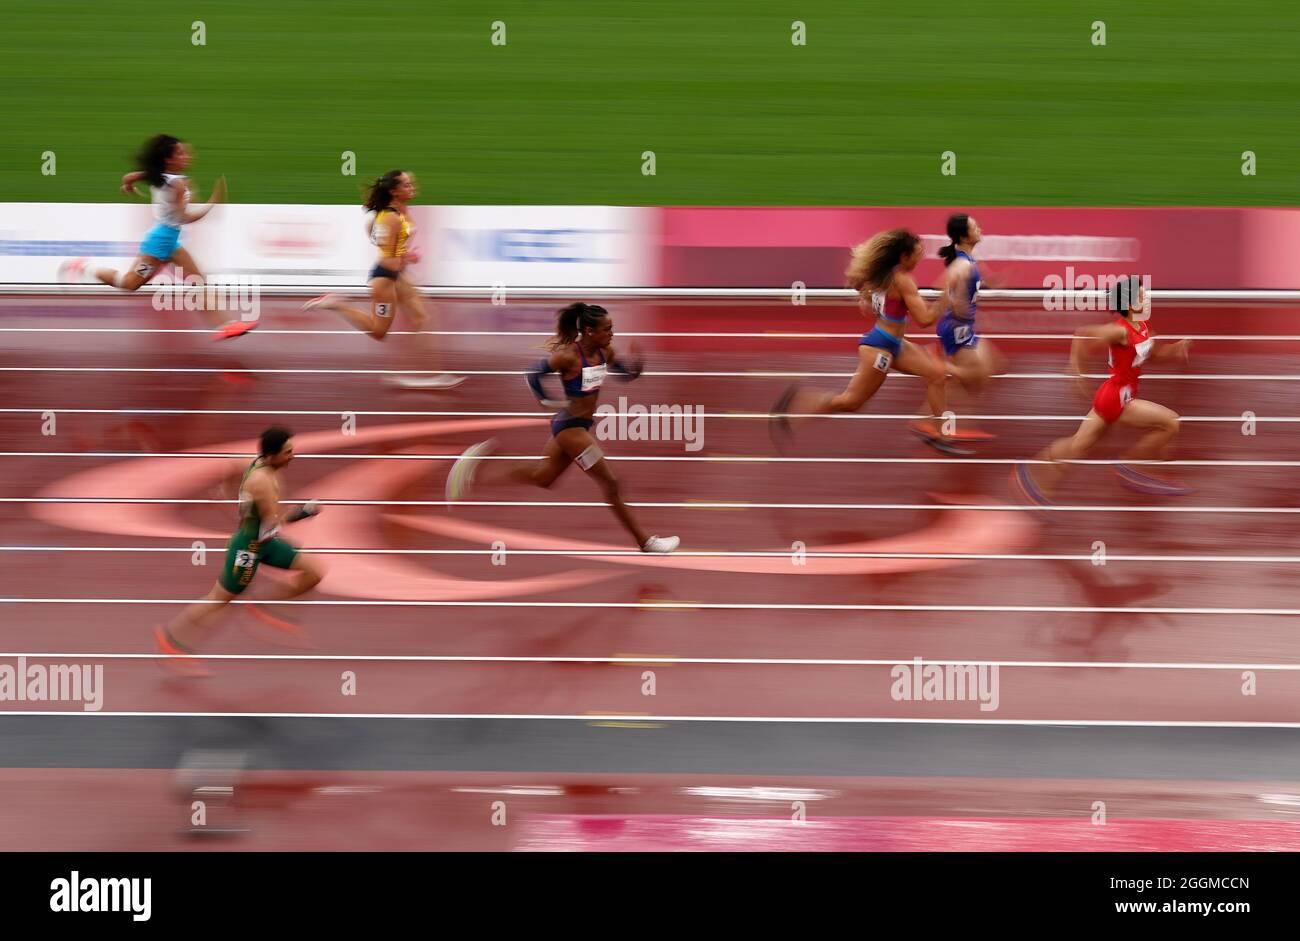 La Cina Xiaoyan Wen ha vinto la finale Women's 100m - T37 allo Stadio Olimpico durante il giorno nove dei Giochi Paralimpici di Tokyo 2020 in Giappone. Data foto: Giovedì 2 settembre 2021. Foto Stock